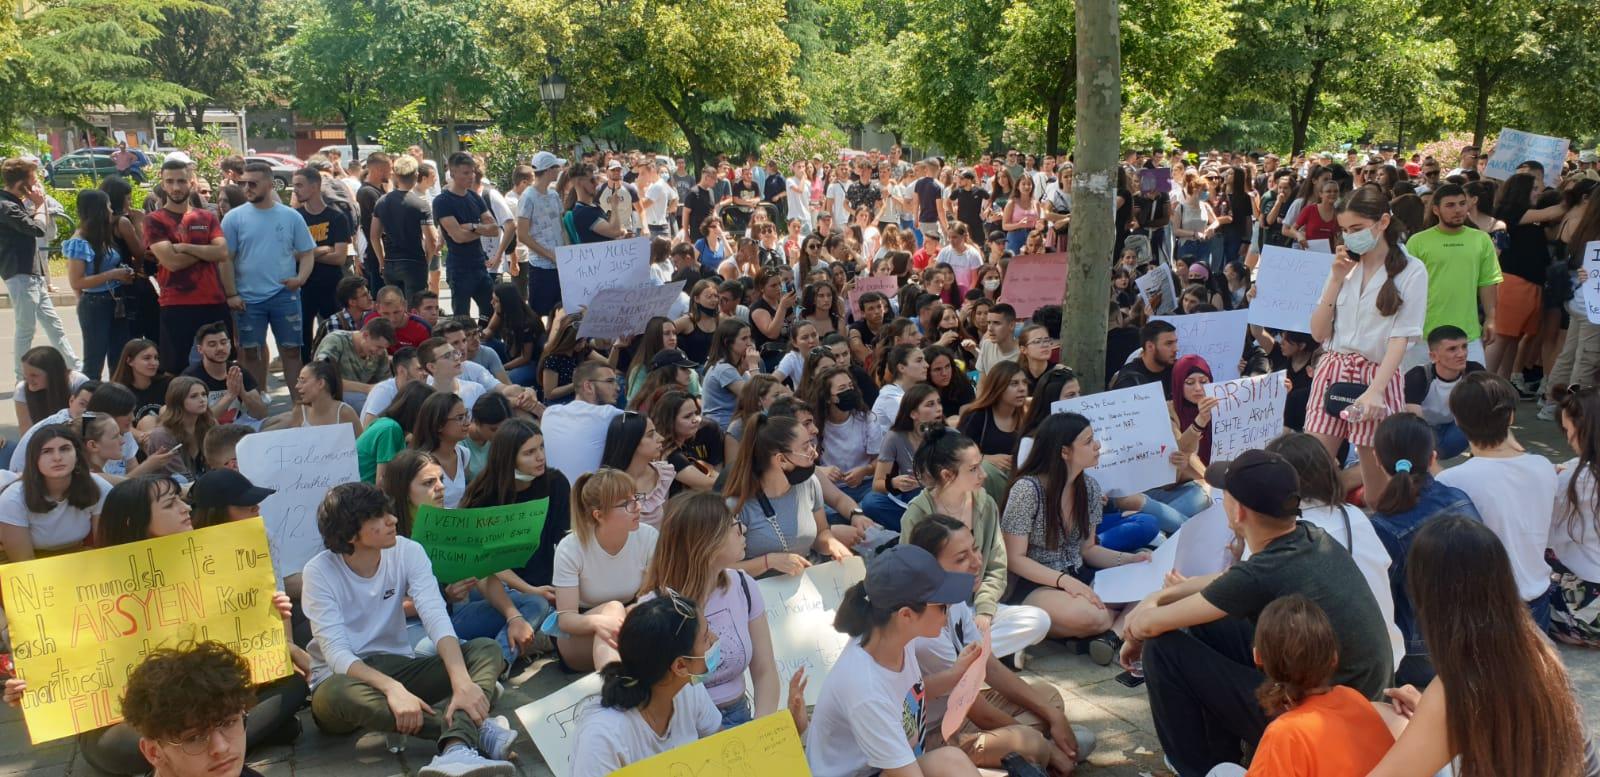 Nuk pranohen në auditore pa vaksinë! Studentët ngrihen në protestë